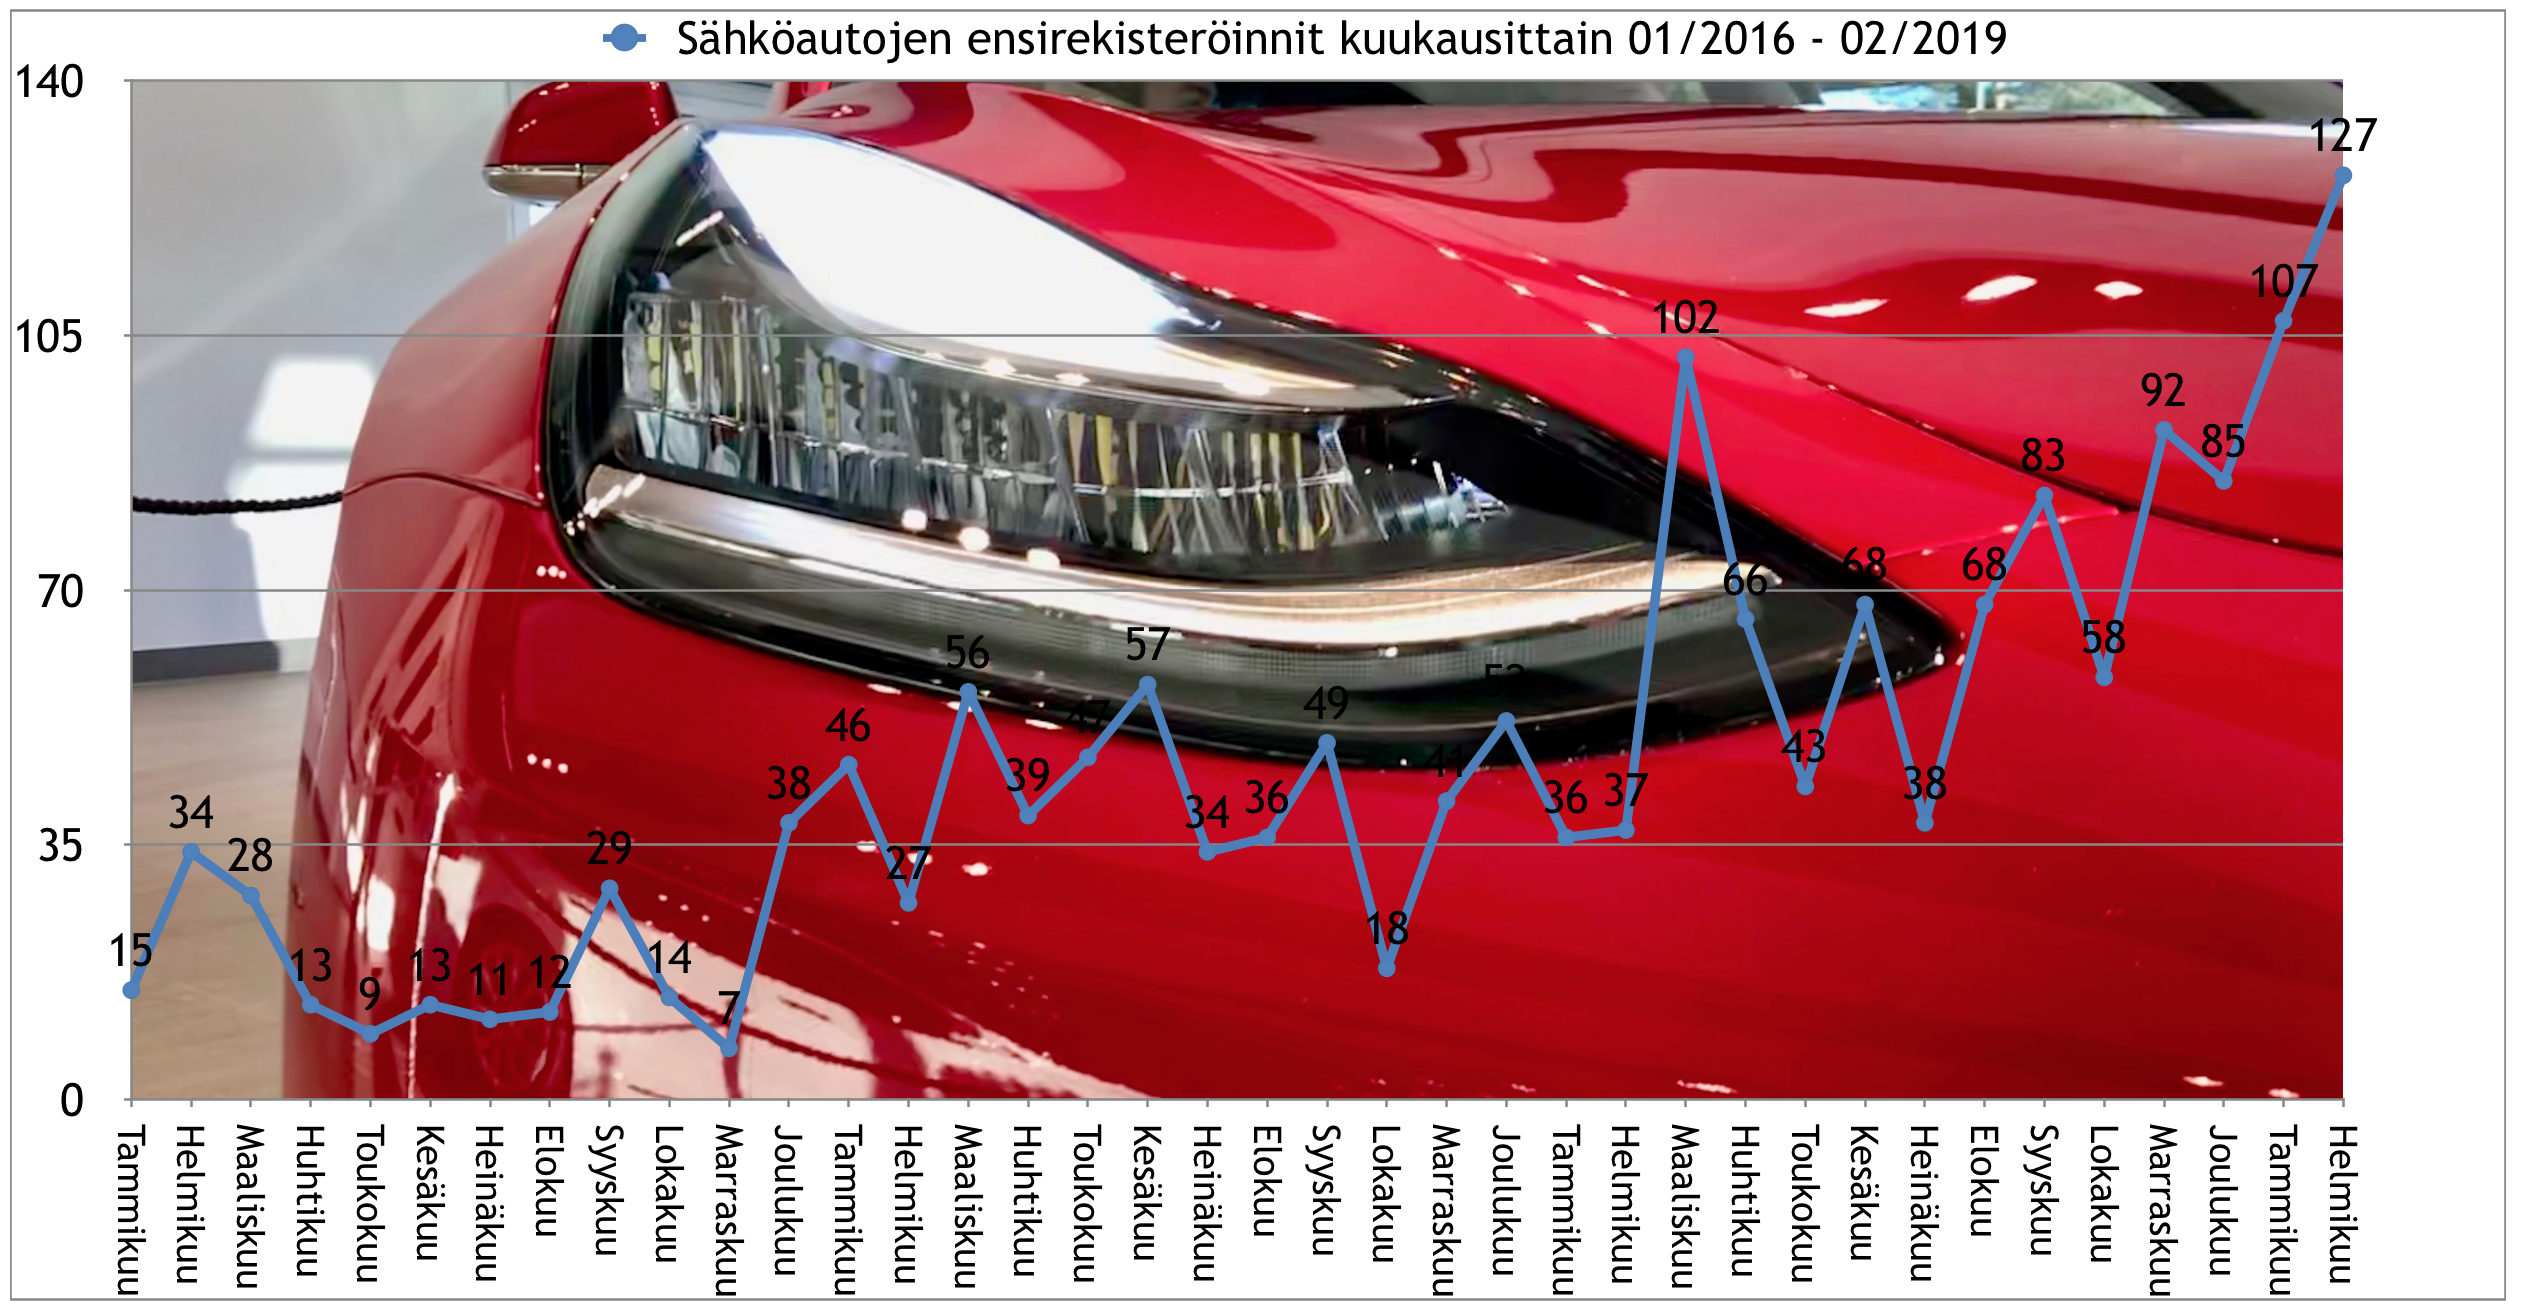 Helmikuussa 2019 ennätysmäärä sähköautojen ensirekisteröintejä